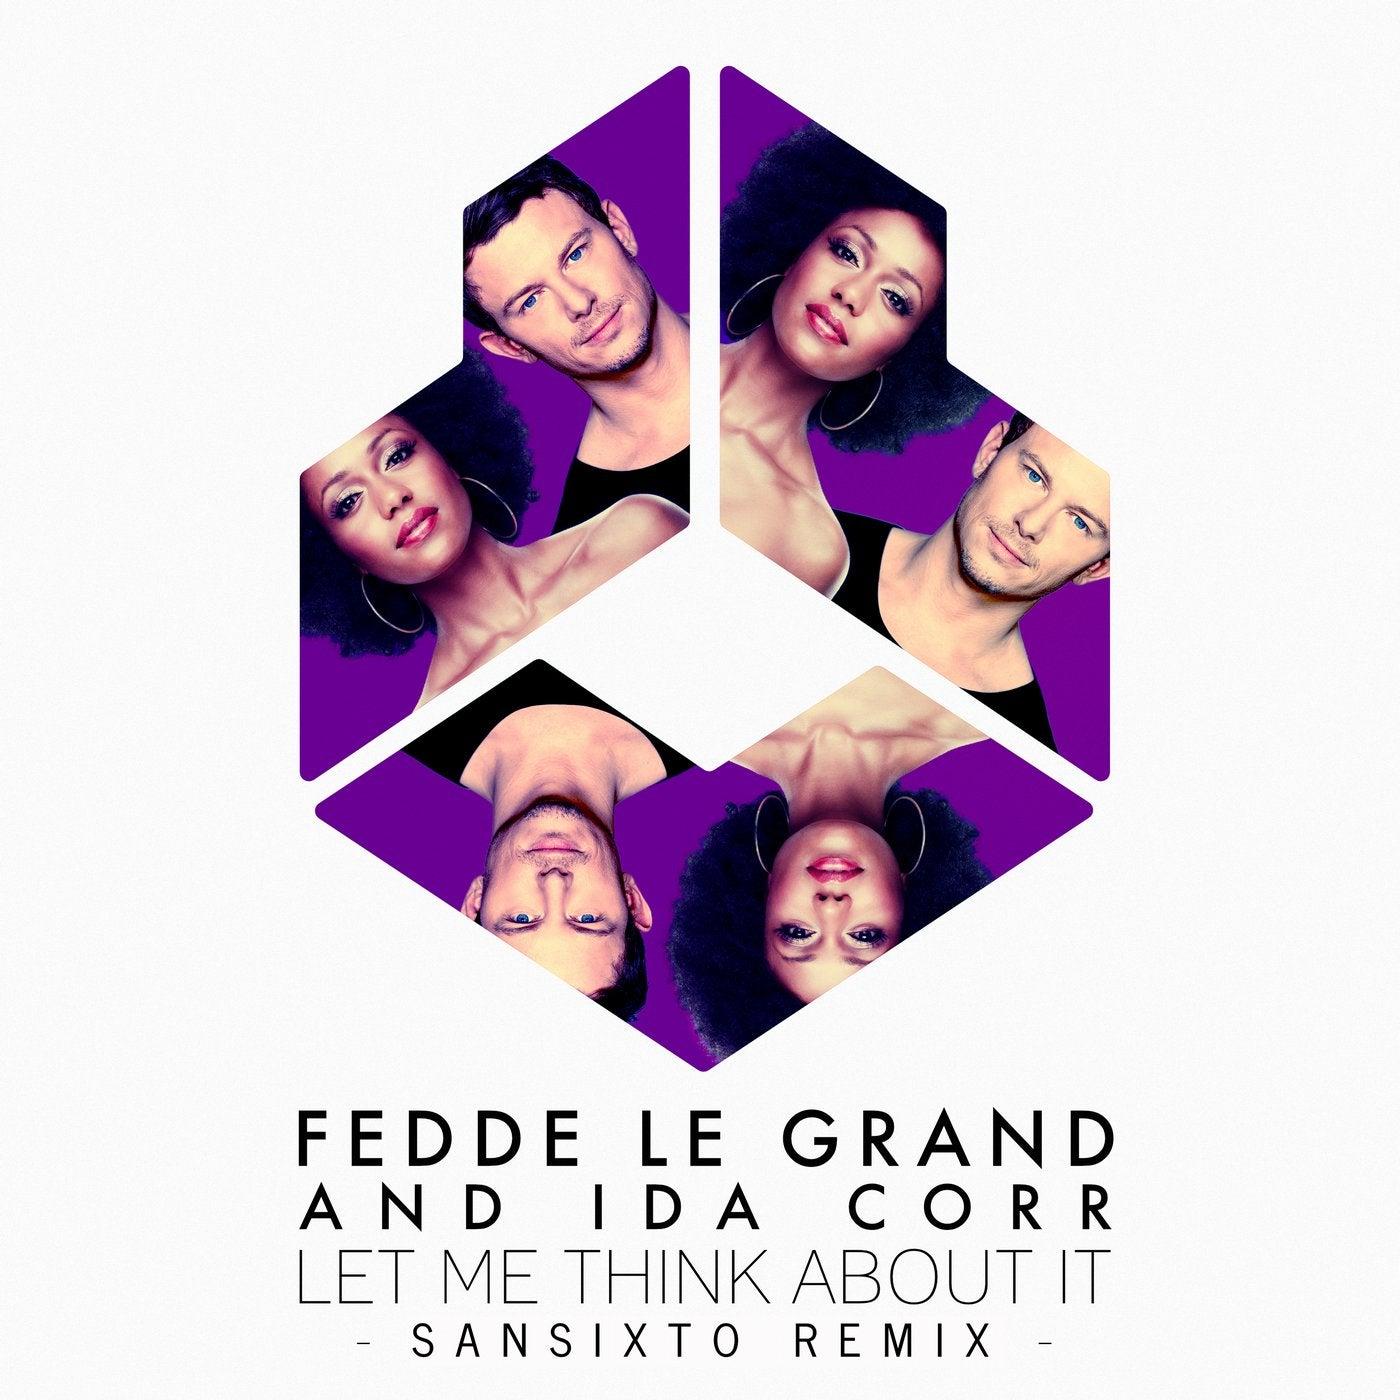 Let Me Think About It (Sansixto Remix)